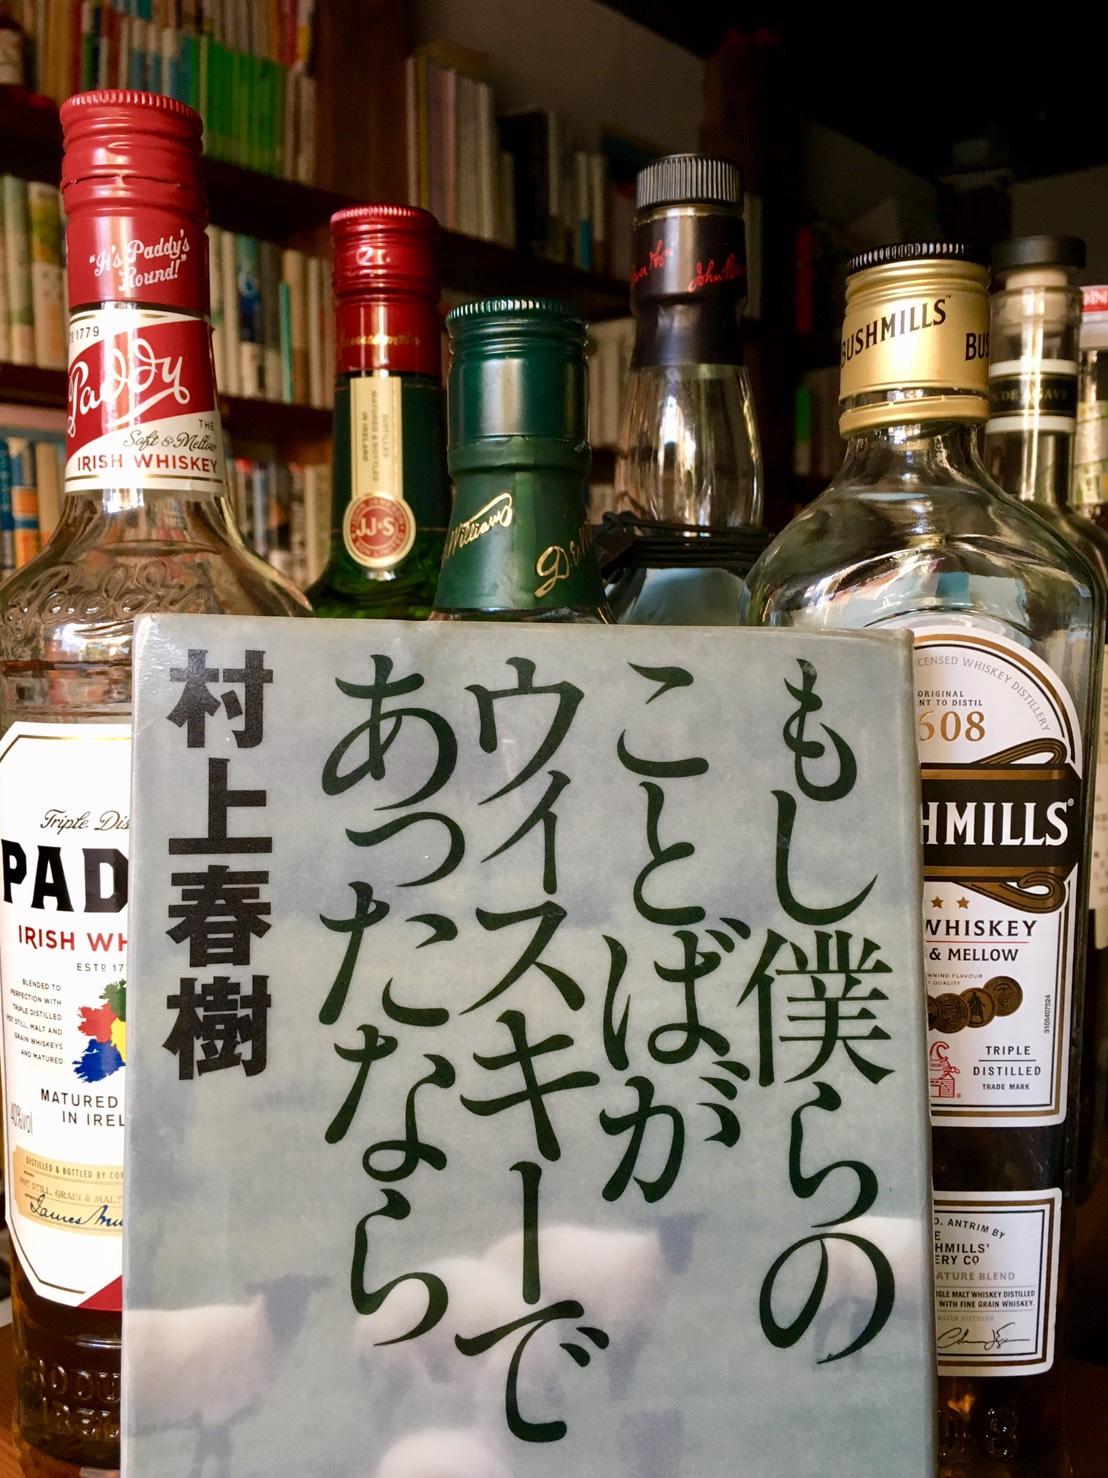 アイラ島のシングル・モルト・ウィスキー